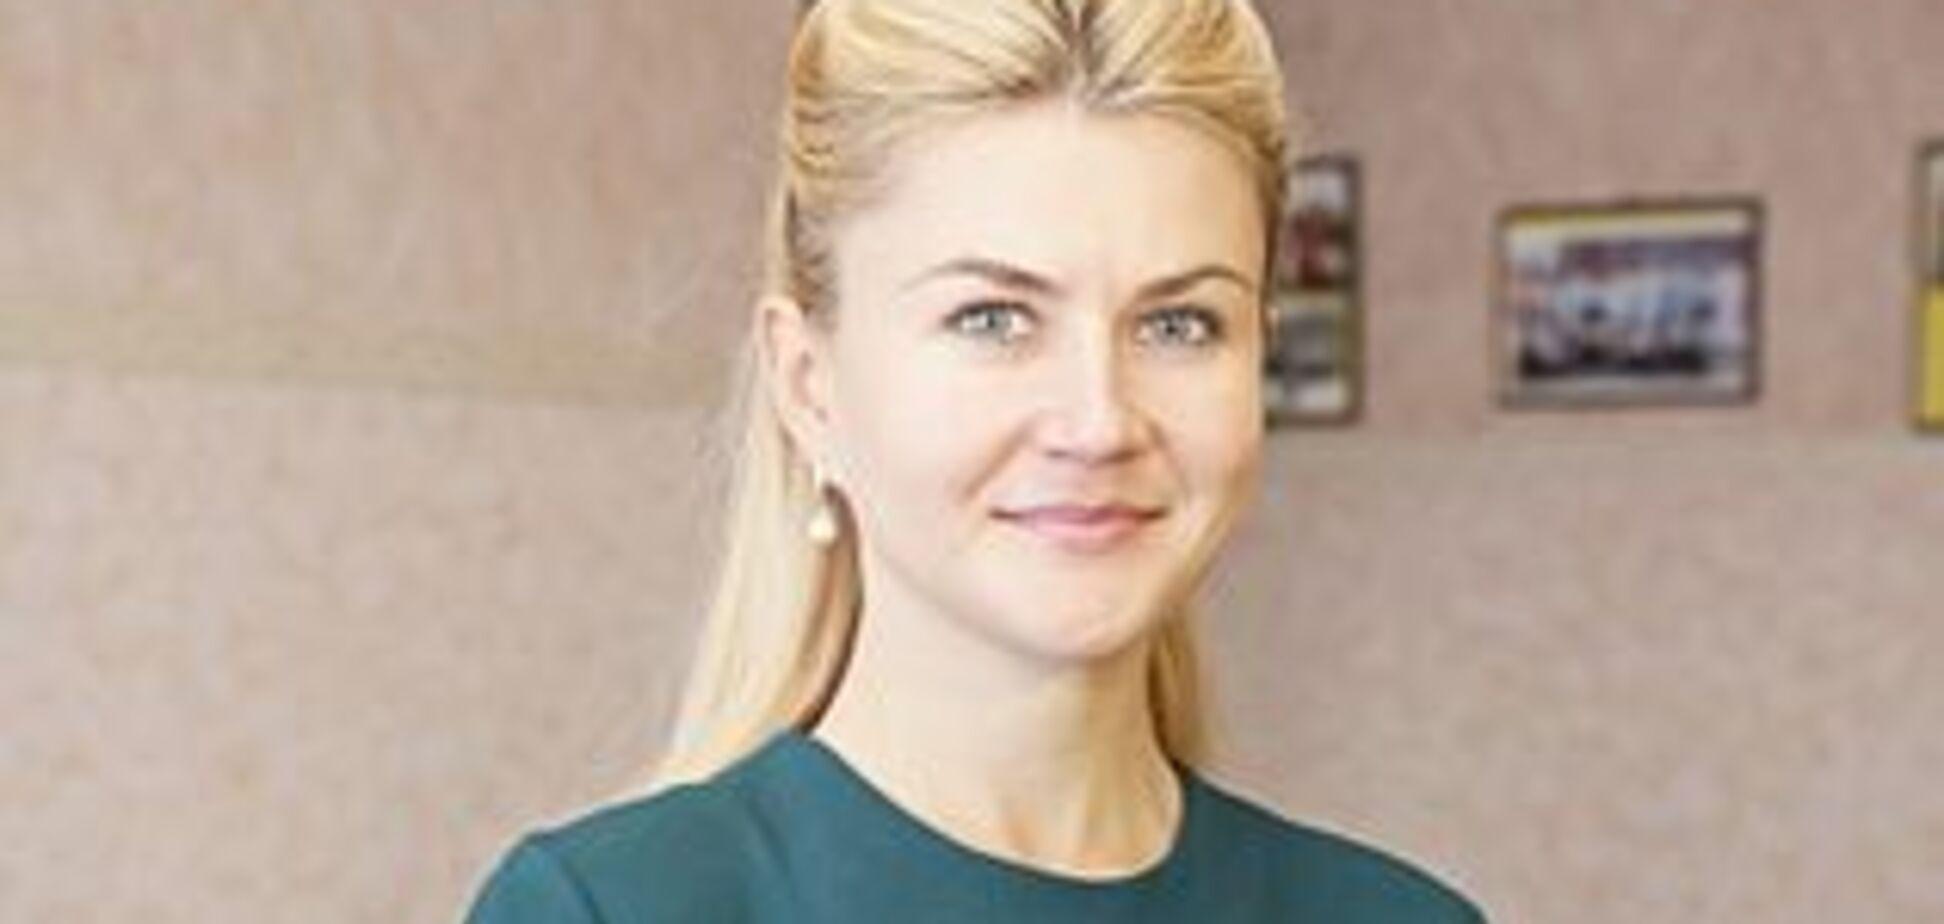 Харьковщина увеличила более чем в два раза финансирование образования - Светличная